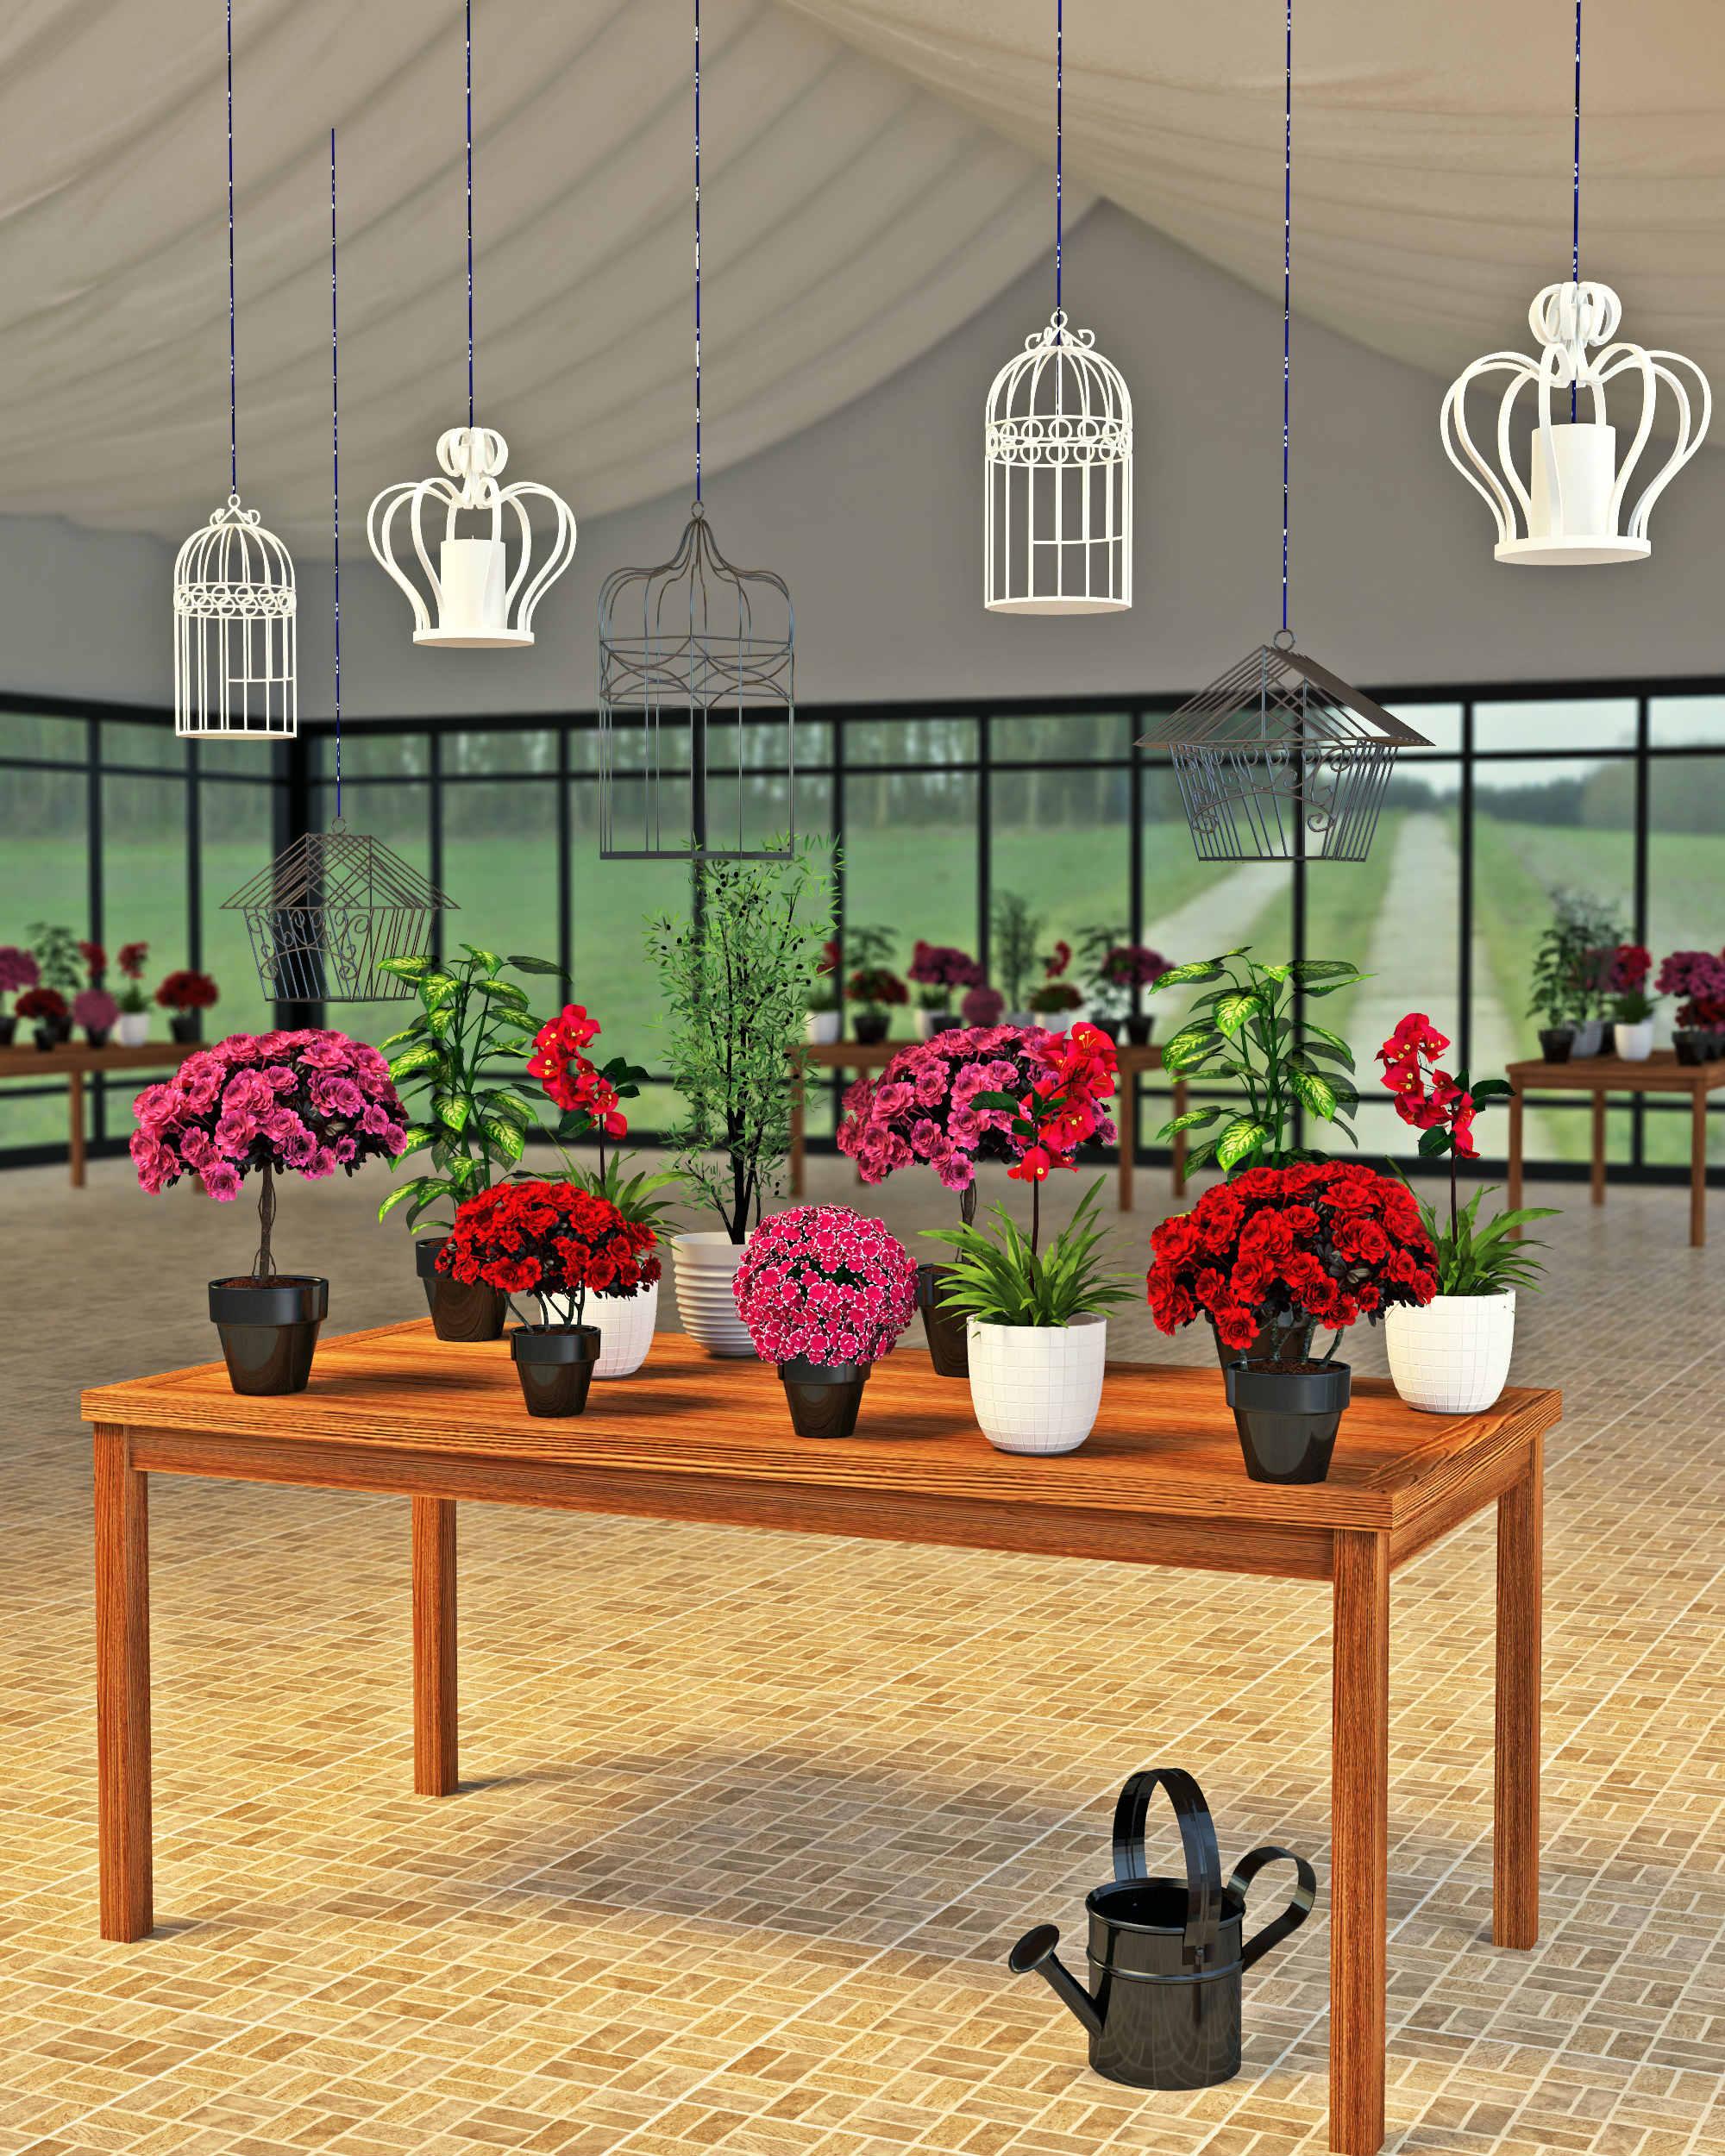 Descubra como montar uma estufa de jardim leroy merlin for Plantas decorativas en leroy merlin